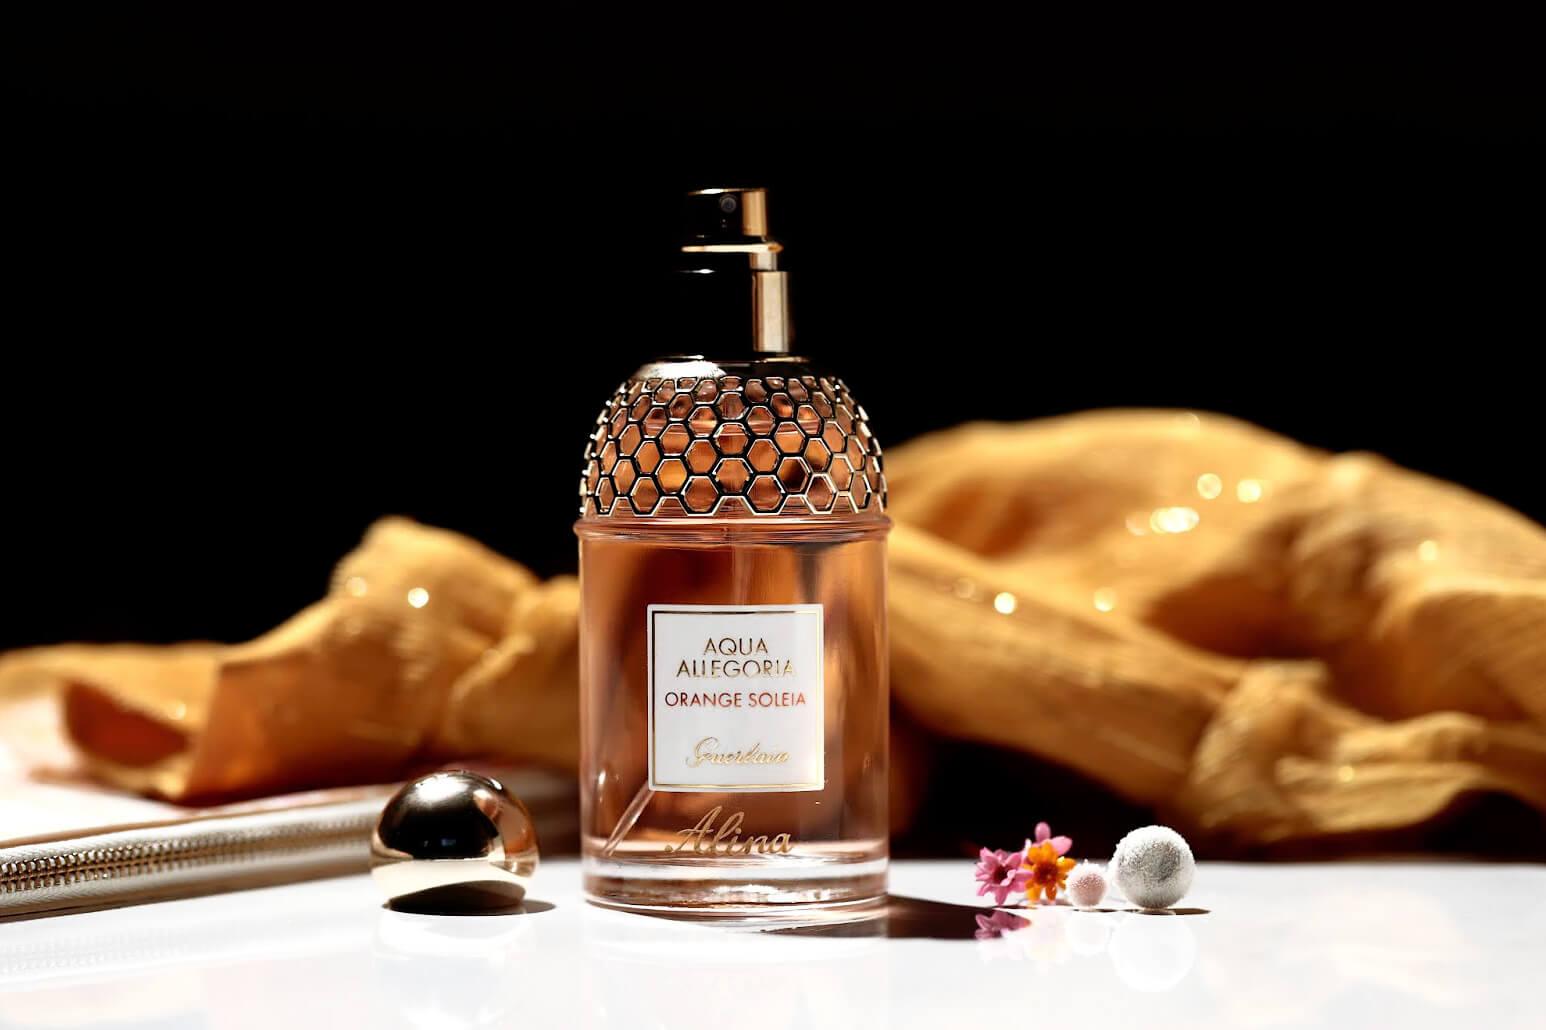 Guerlain Aqua Allegoria Orange Soleia parfum